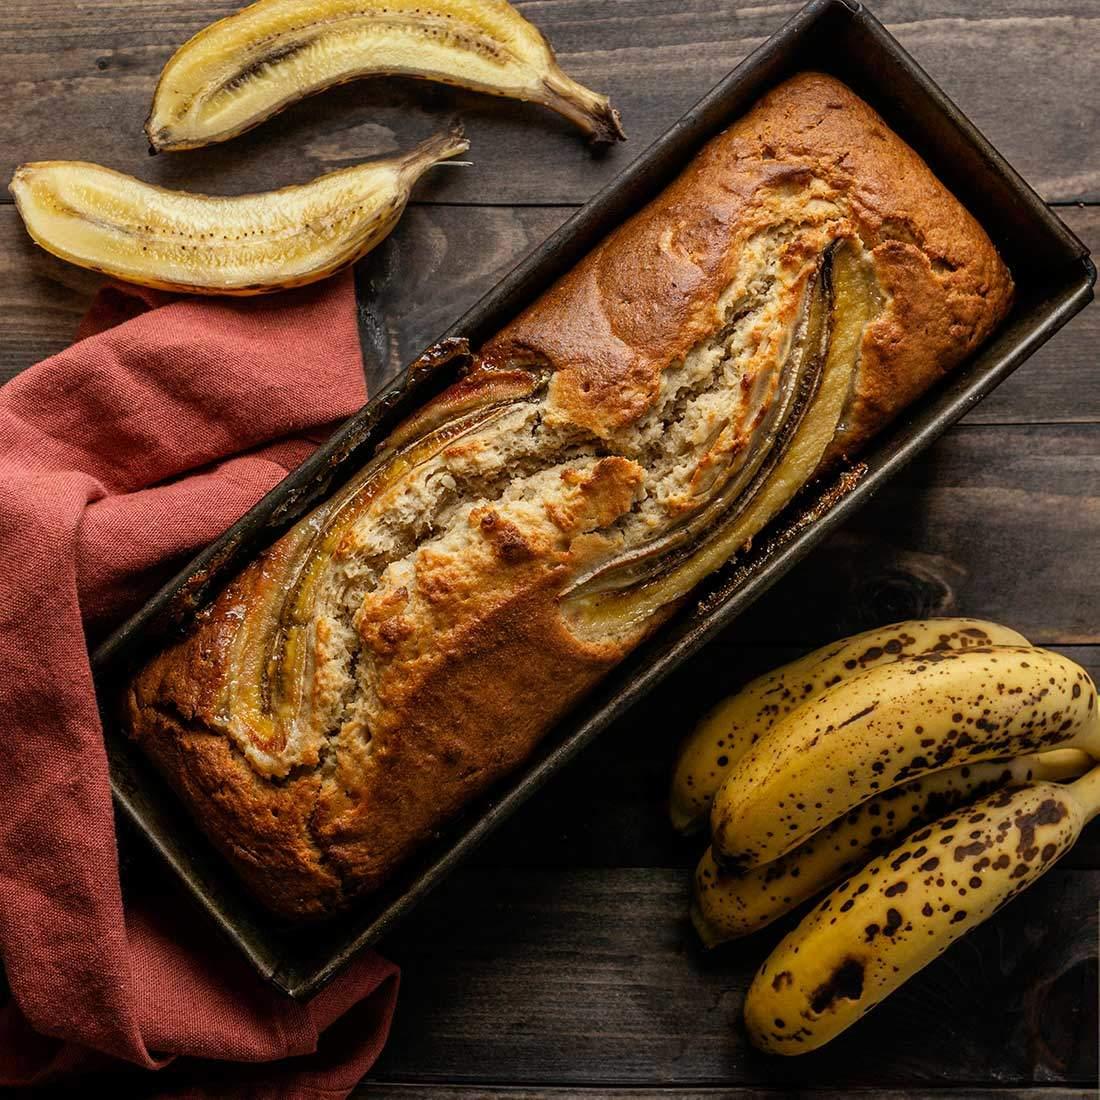 In einer Kuchenform ist ein Mandel-Kokos-Bananenbrot, daneben liegen reife Bananen als Ei-Alternative